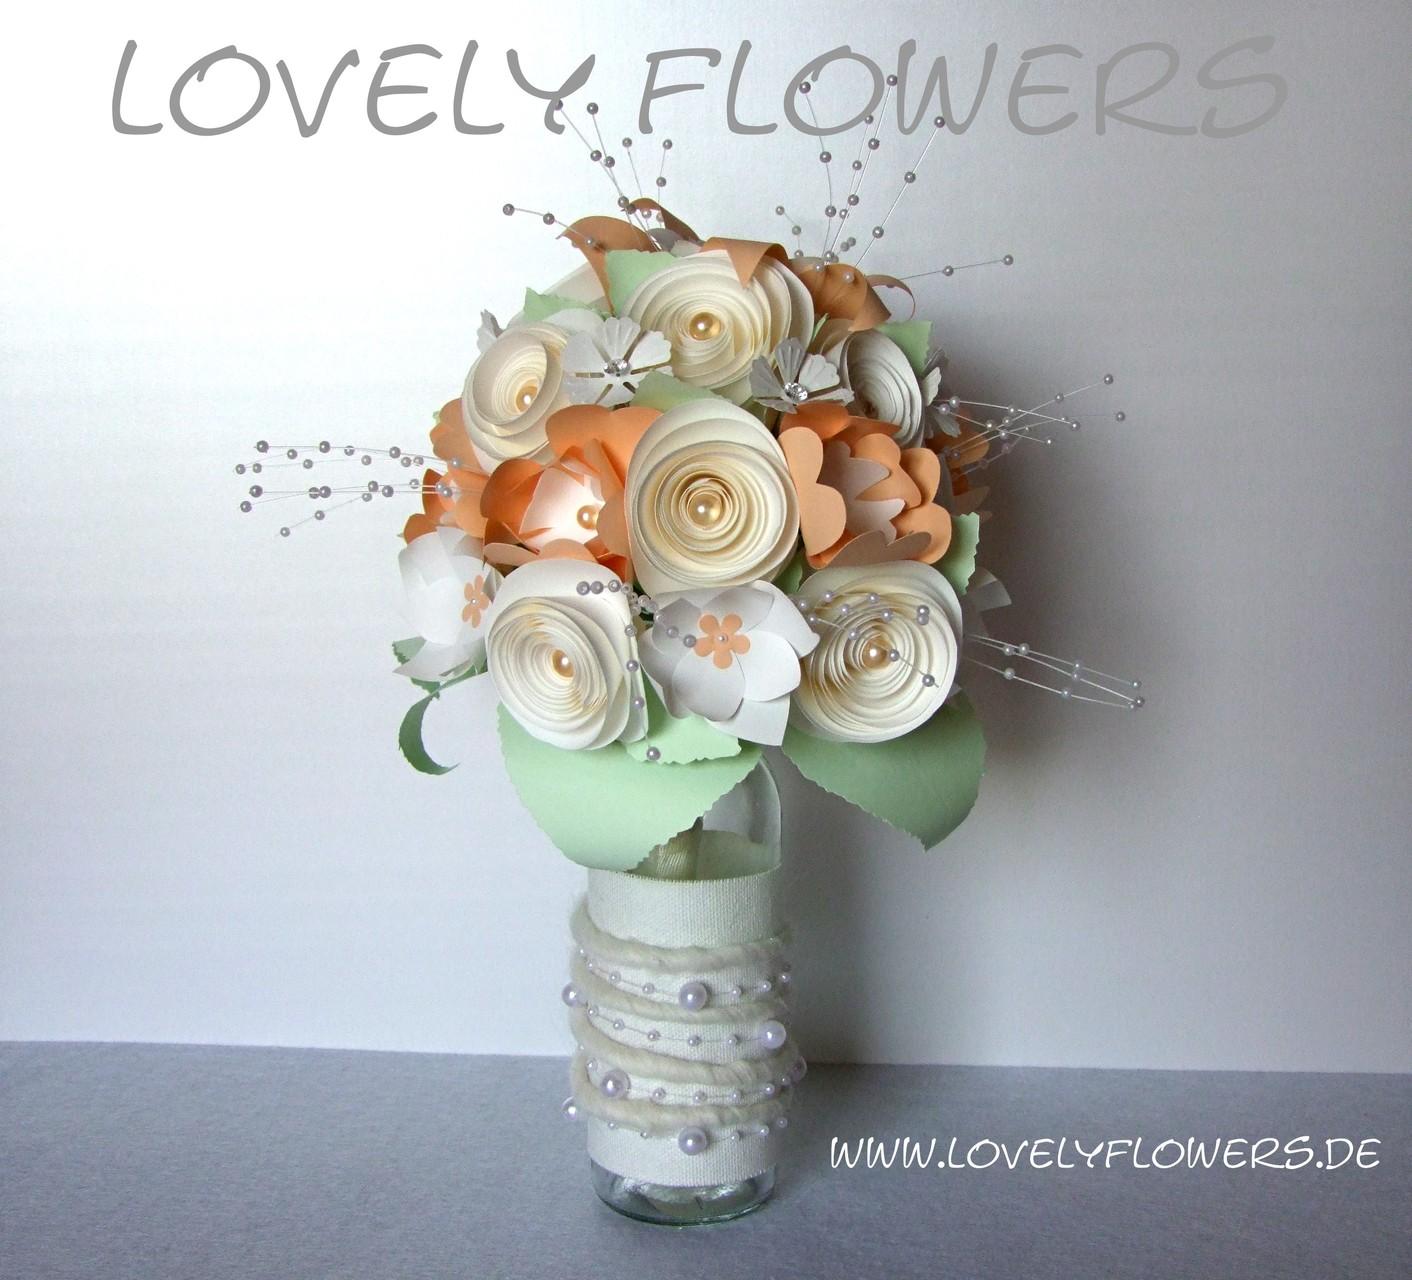 www.lovelyflowers.de - Dein Spezialist für PAPER-ART exklusive Brautsträuße!